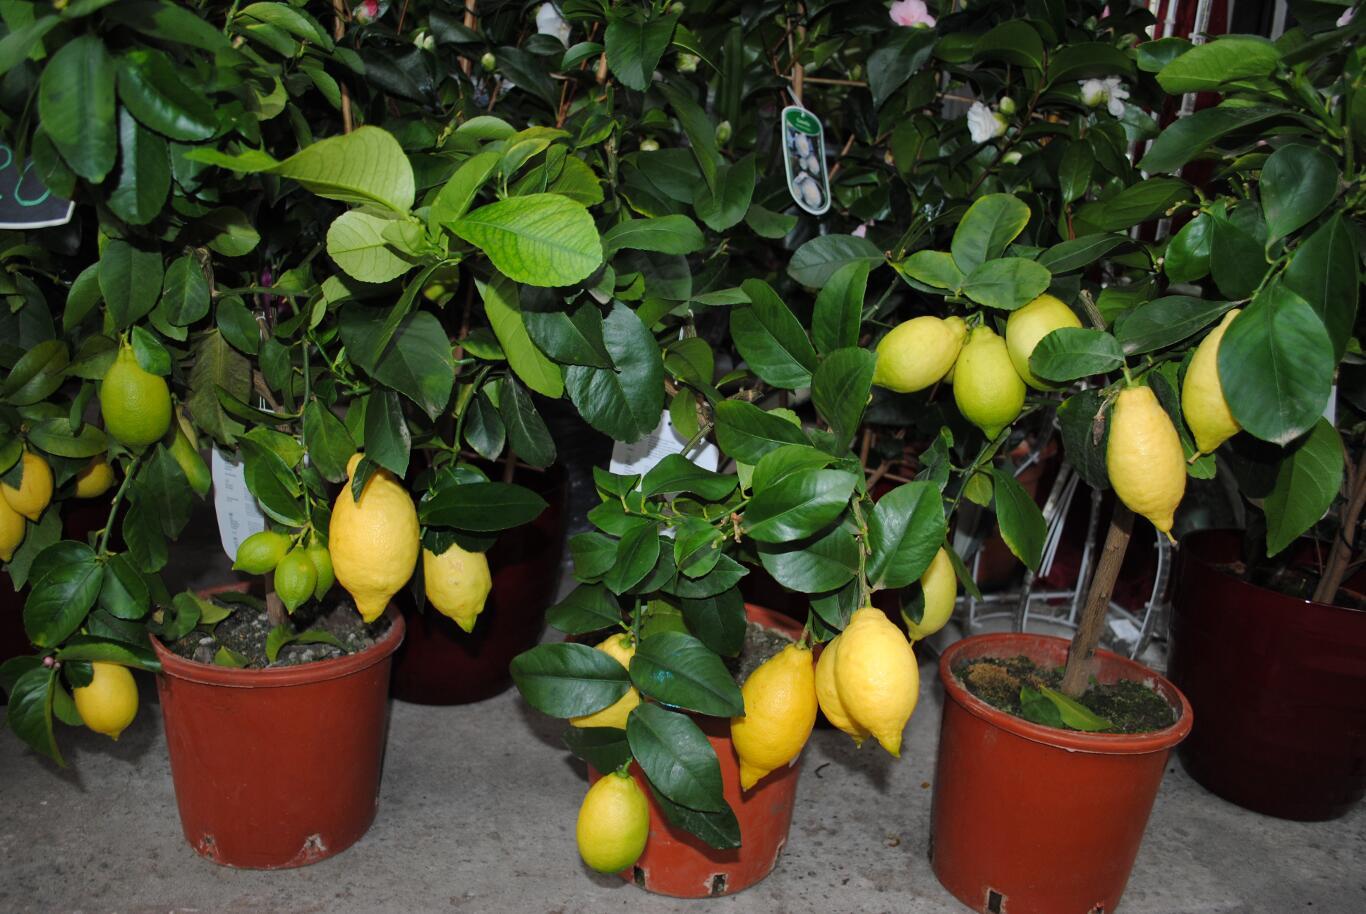 Как правильно вырастить из косточки лимон в домашних условиях (дома). Домашний лимон с плодами - плодоносящее дерево. Видео